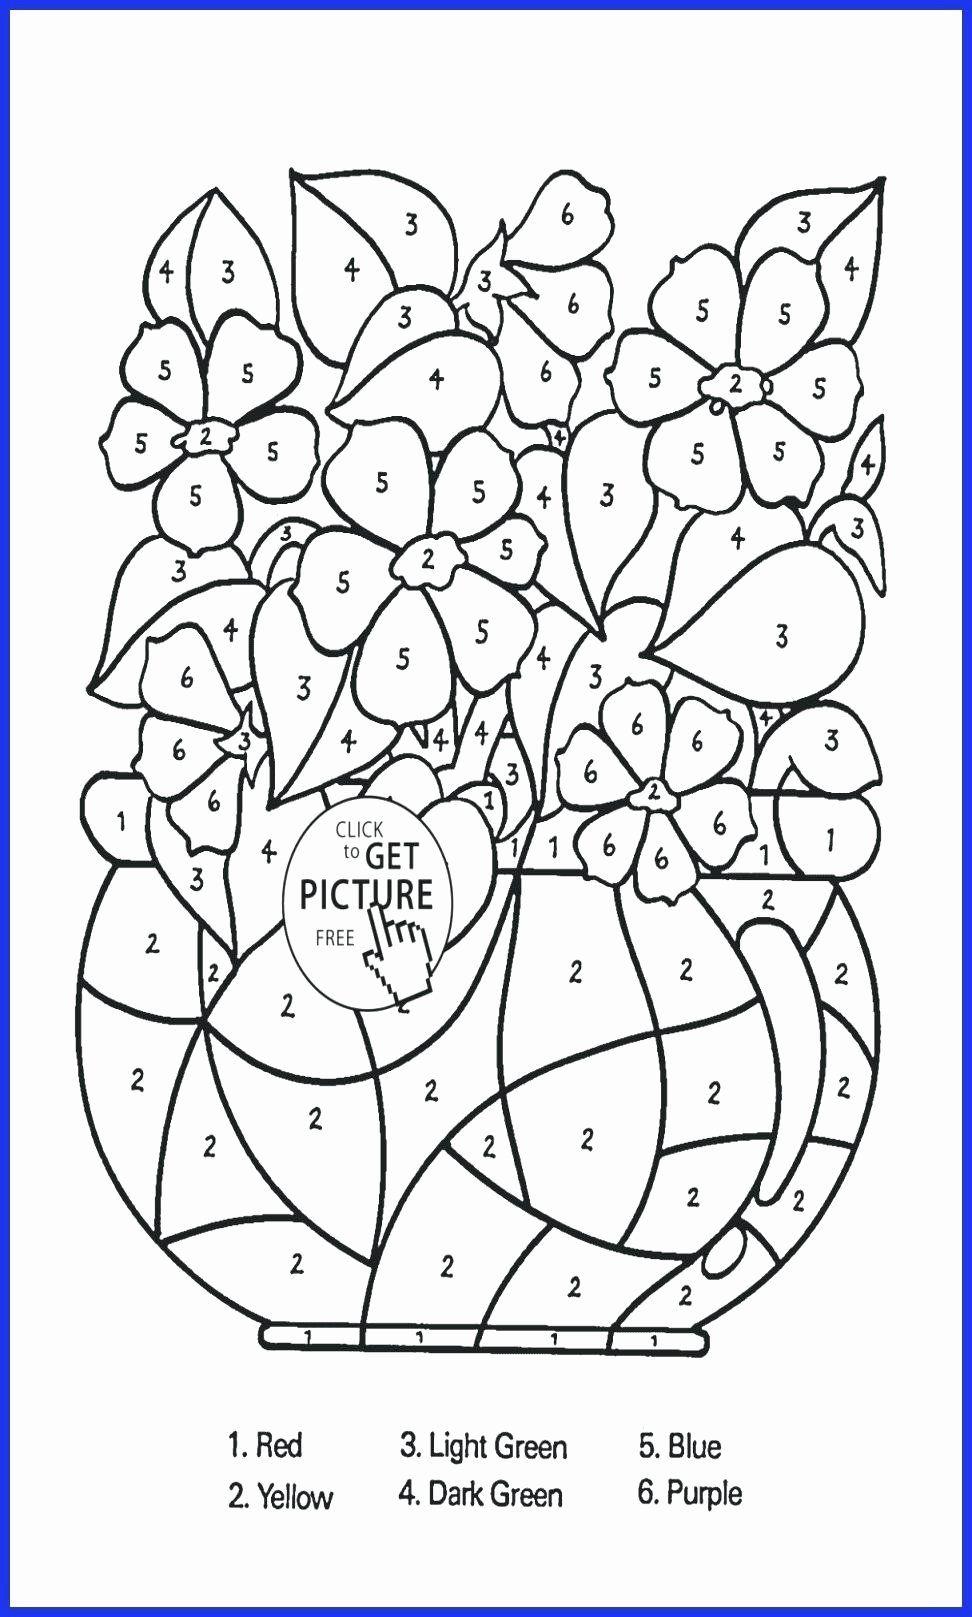 Coloring Activities For Grade 3 Best Of 1st Grade Coloring Sheets Fiestaprint Halaman Mewarnai Bunga Halaman Mewarnai Lembar Mewarnai